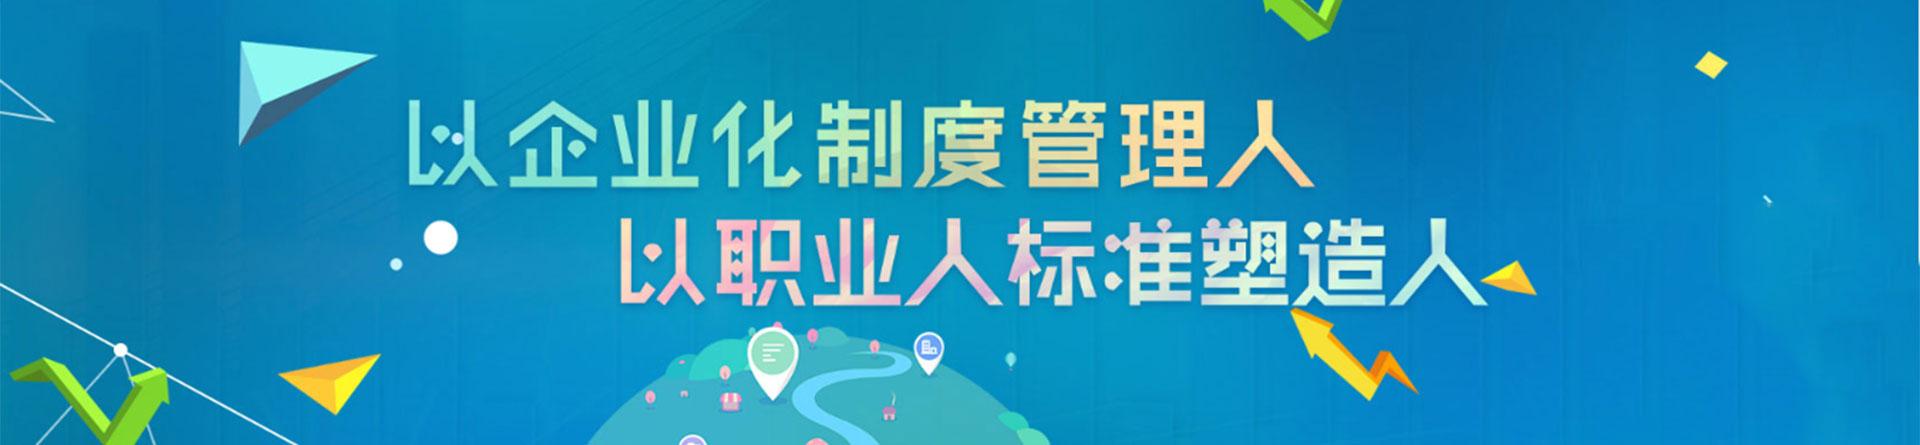 郑州新开普教育